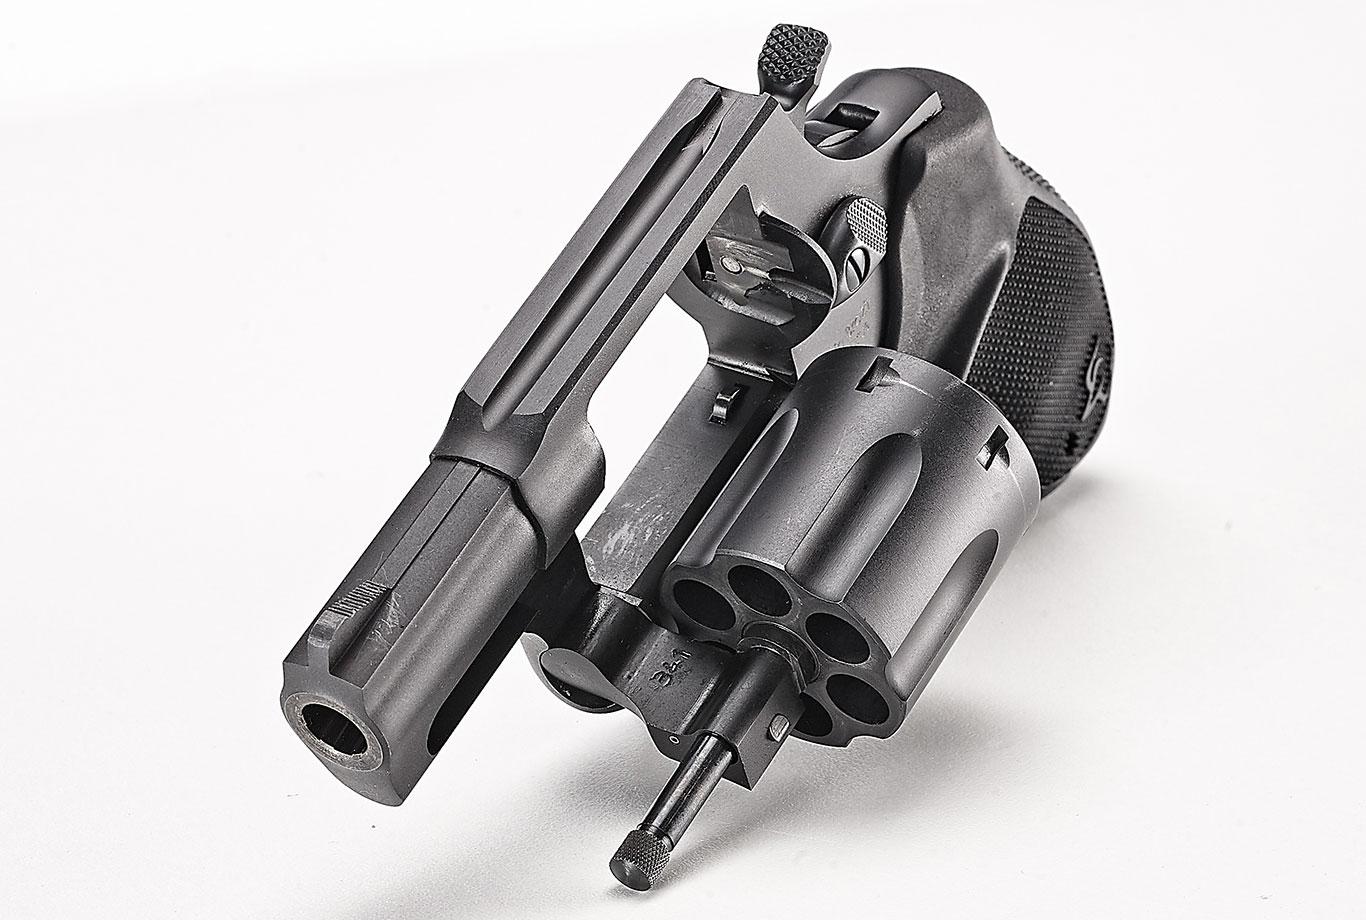 Taurus-856-.38-Special-Revolver-Cylinder